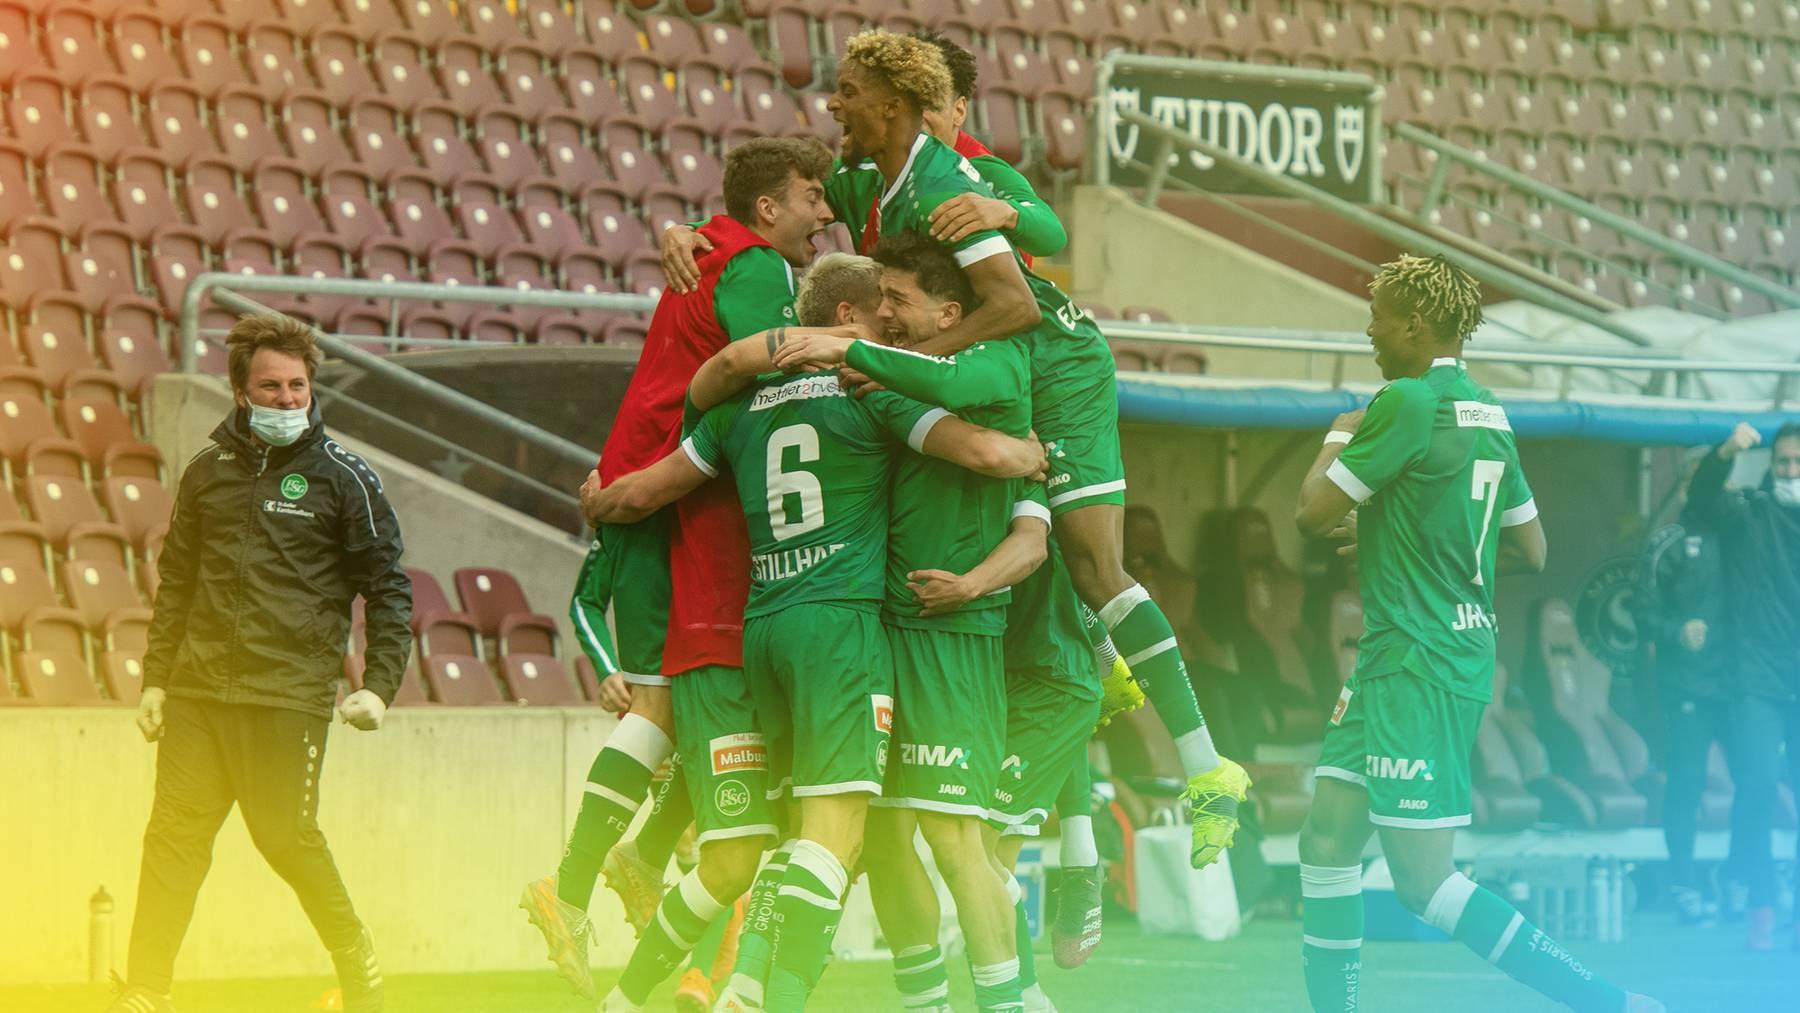 FM1_Aktion_FCSGCupfinale_Beitragsbild